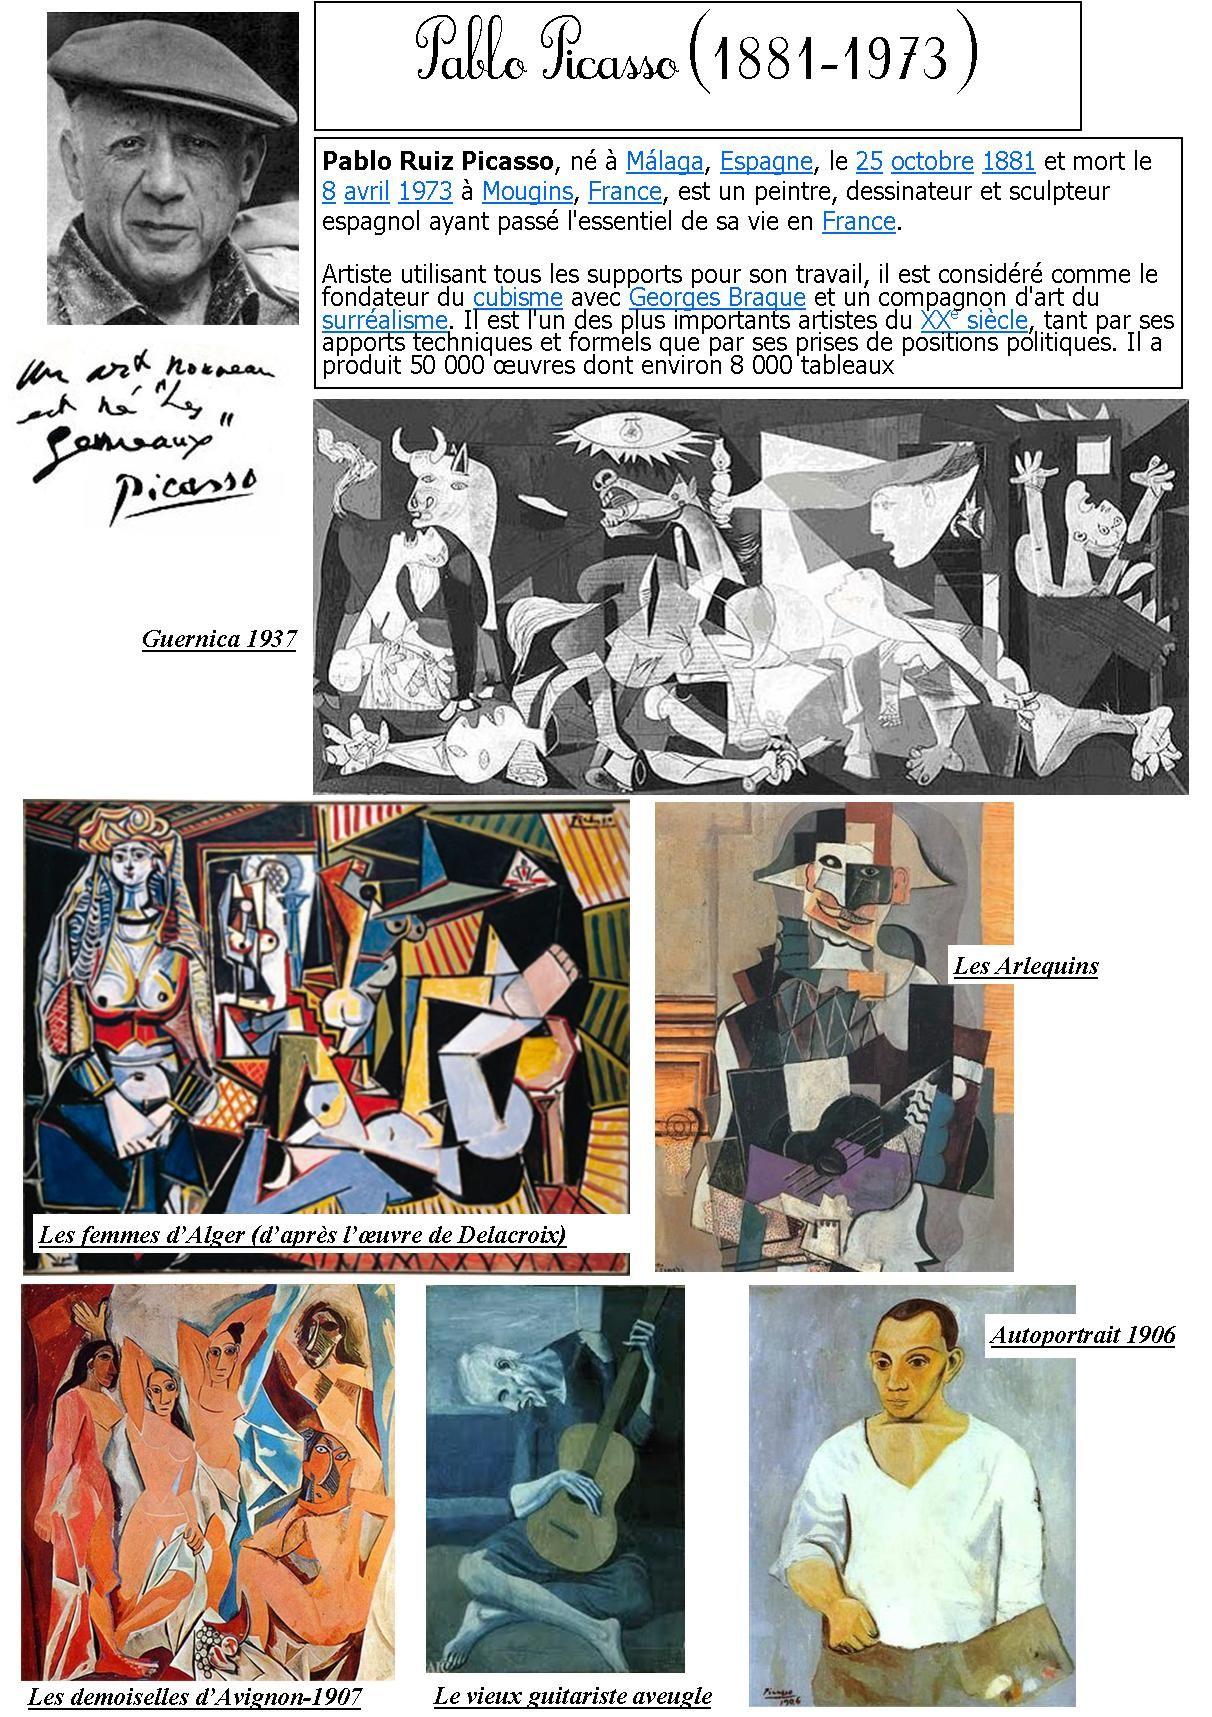 histoire de l art Picasso et cubisme BLOG GS CP CE1 CE2 de